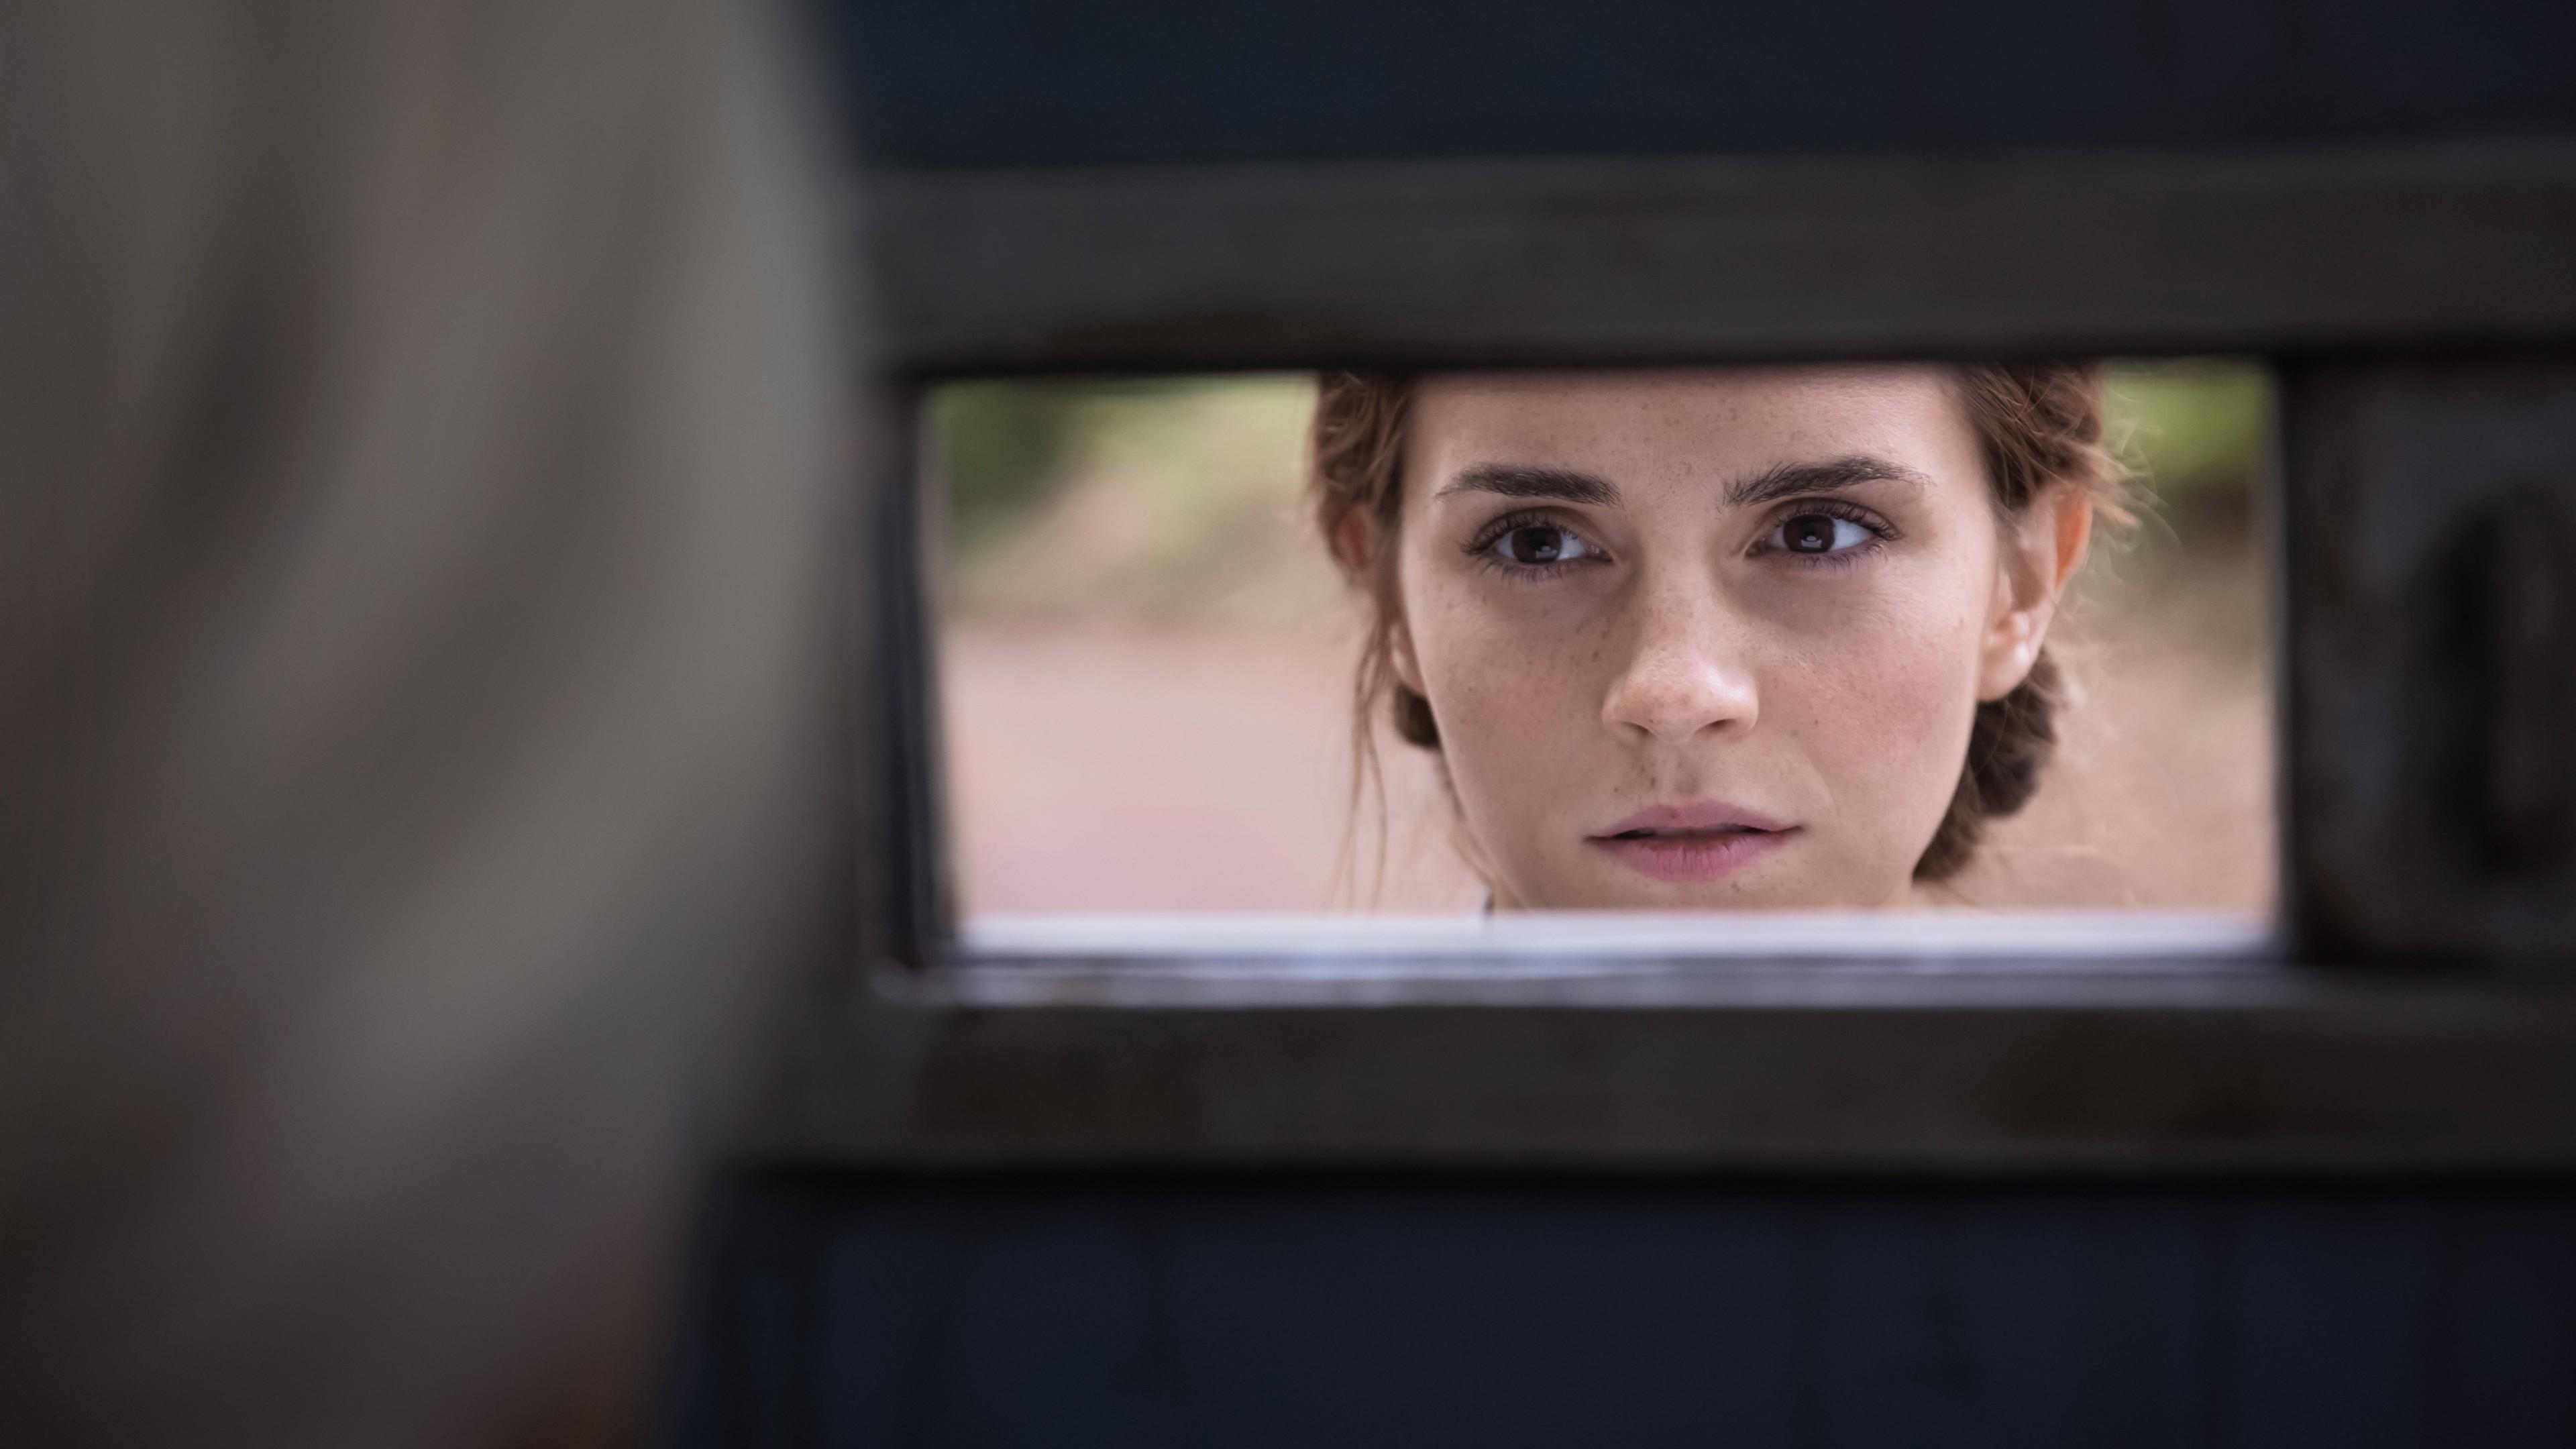 Реклама главной героини фильма-драмы Колония Дигнидад